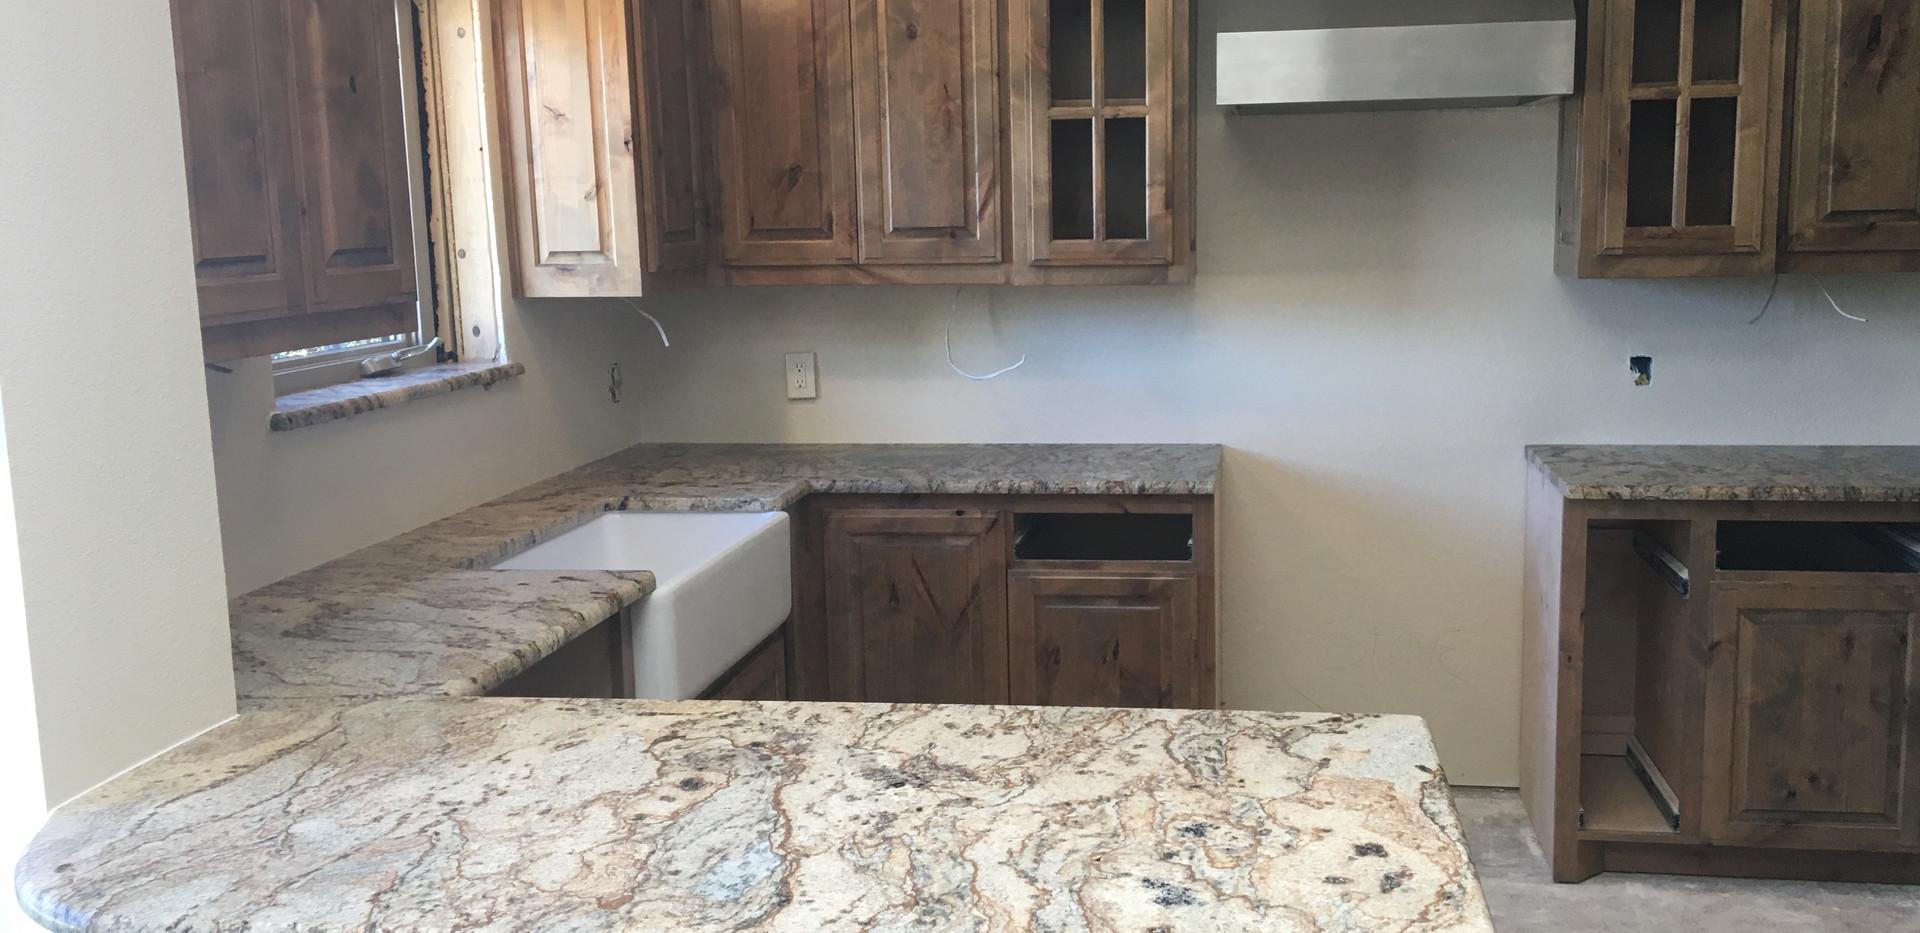 granite_rustic_countertop_kitchen.jpg